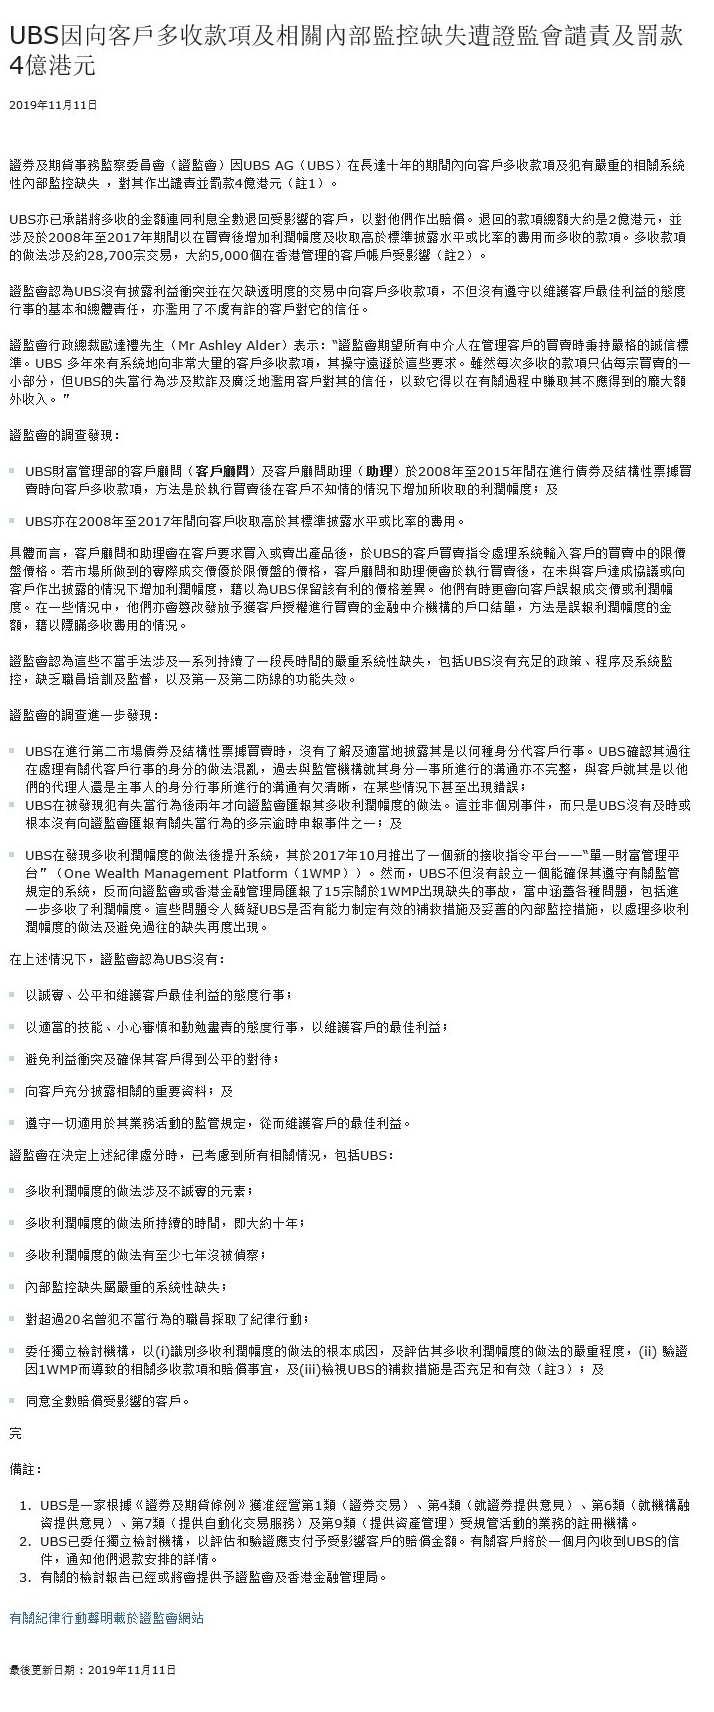 香港证监会:瑞银(UBS.US)因向客户多收款项及内部监控缺失 对其做出谴责并罚款4亿港元